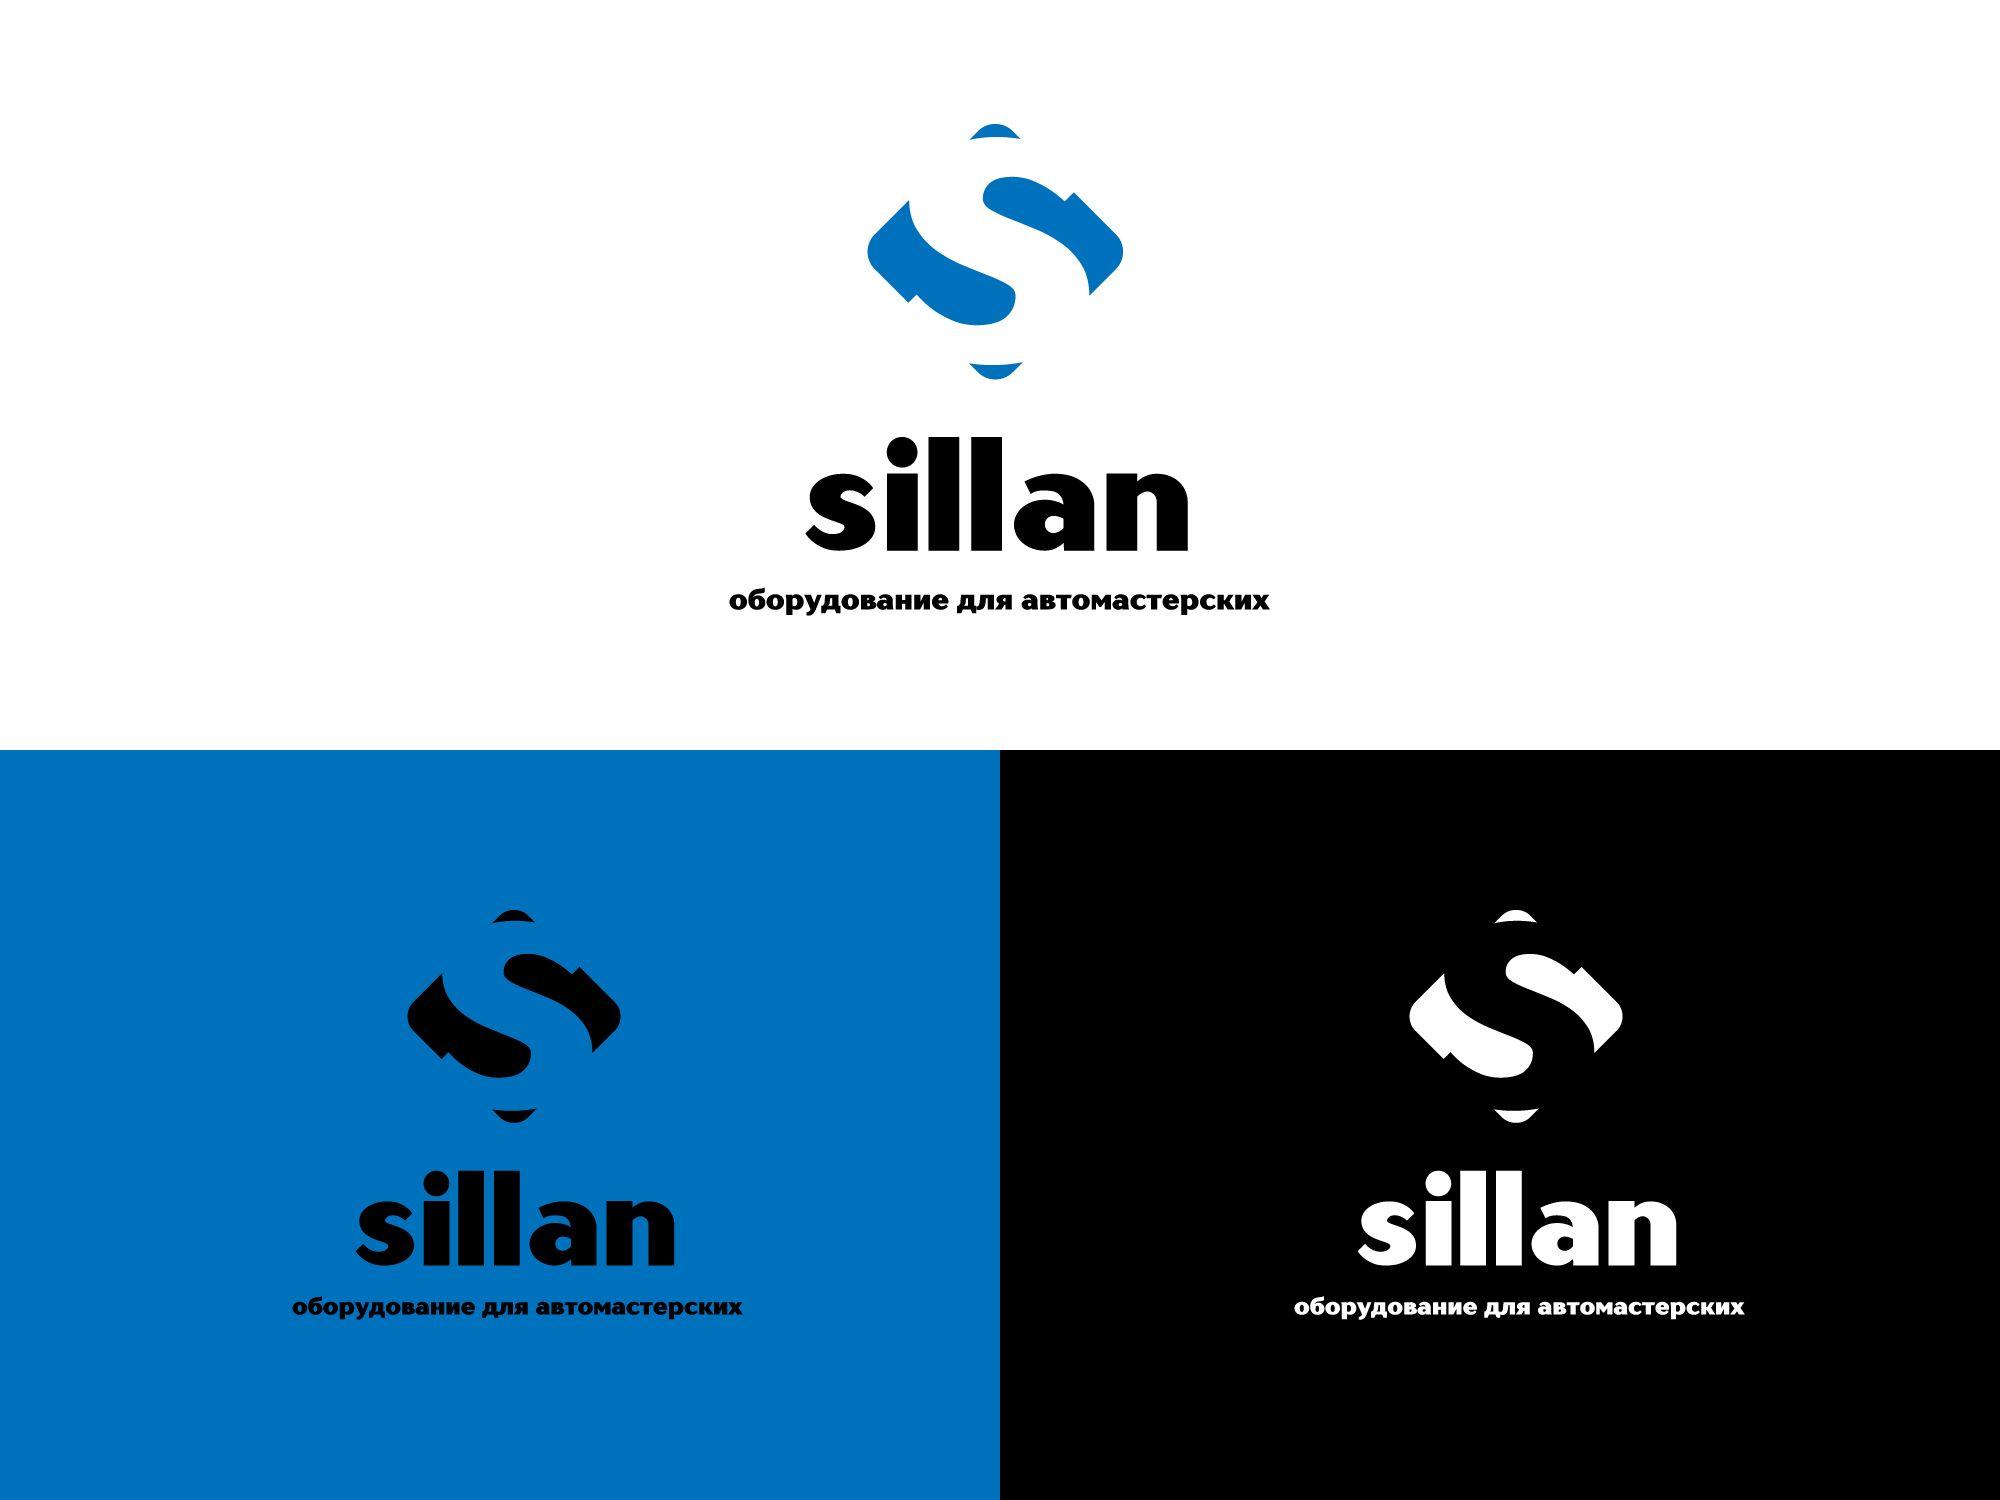 Логотип для Sillan - дизайнер djobsik